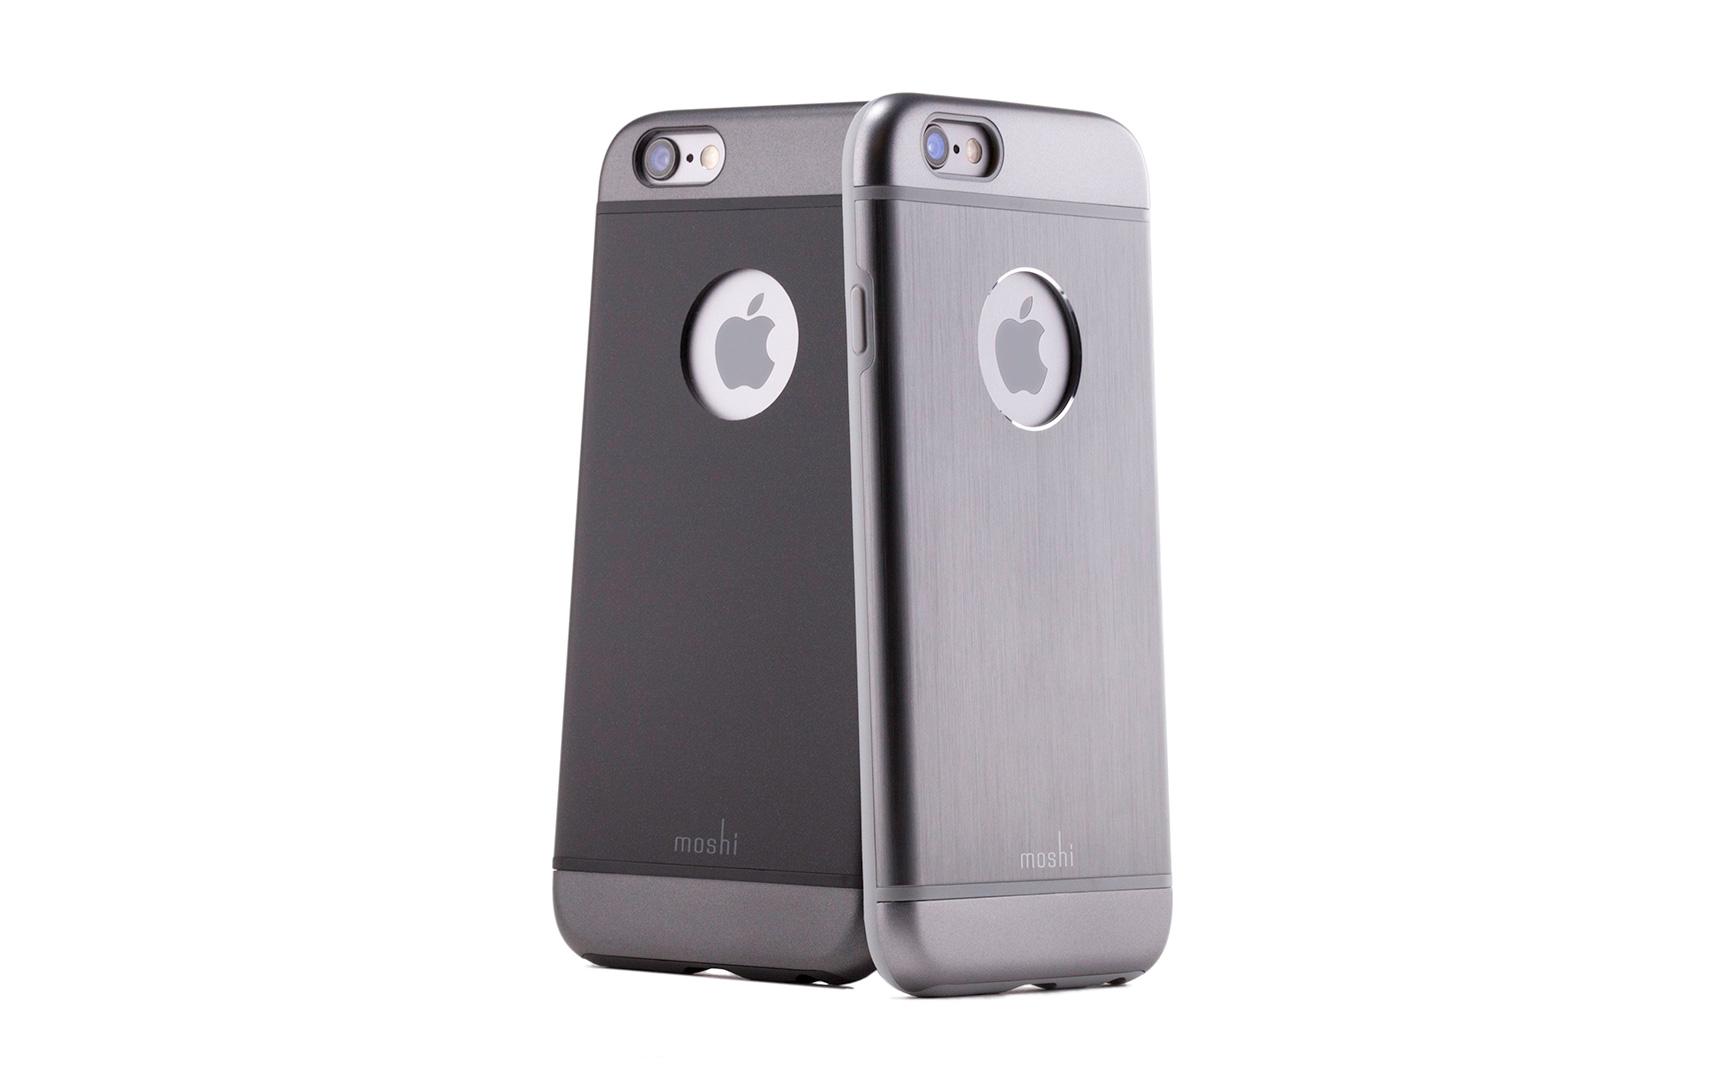 Coque Moshi Iphone 6 Plus titanium